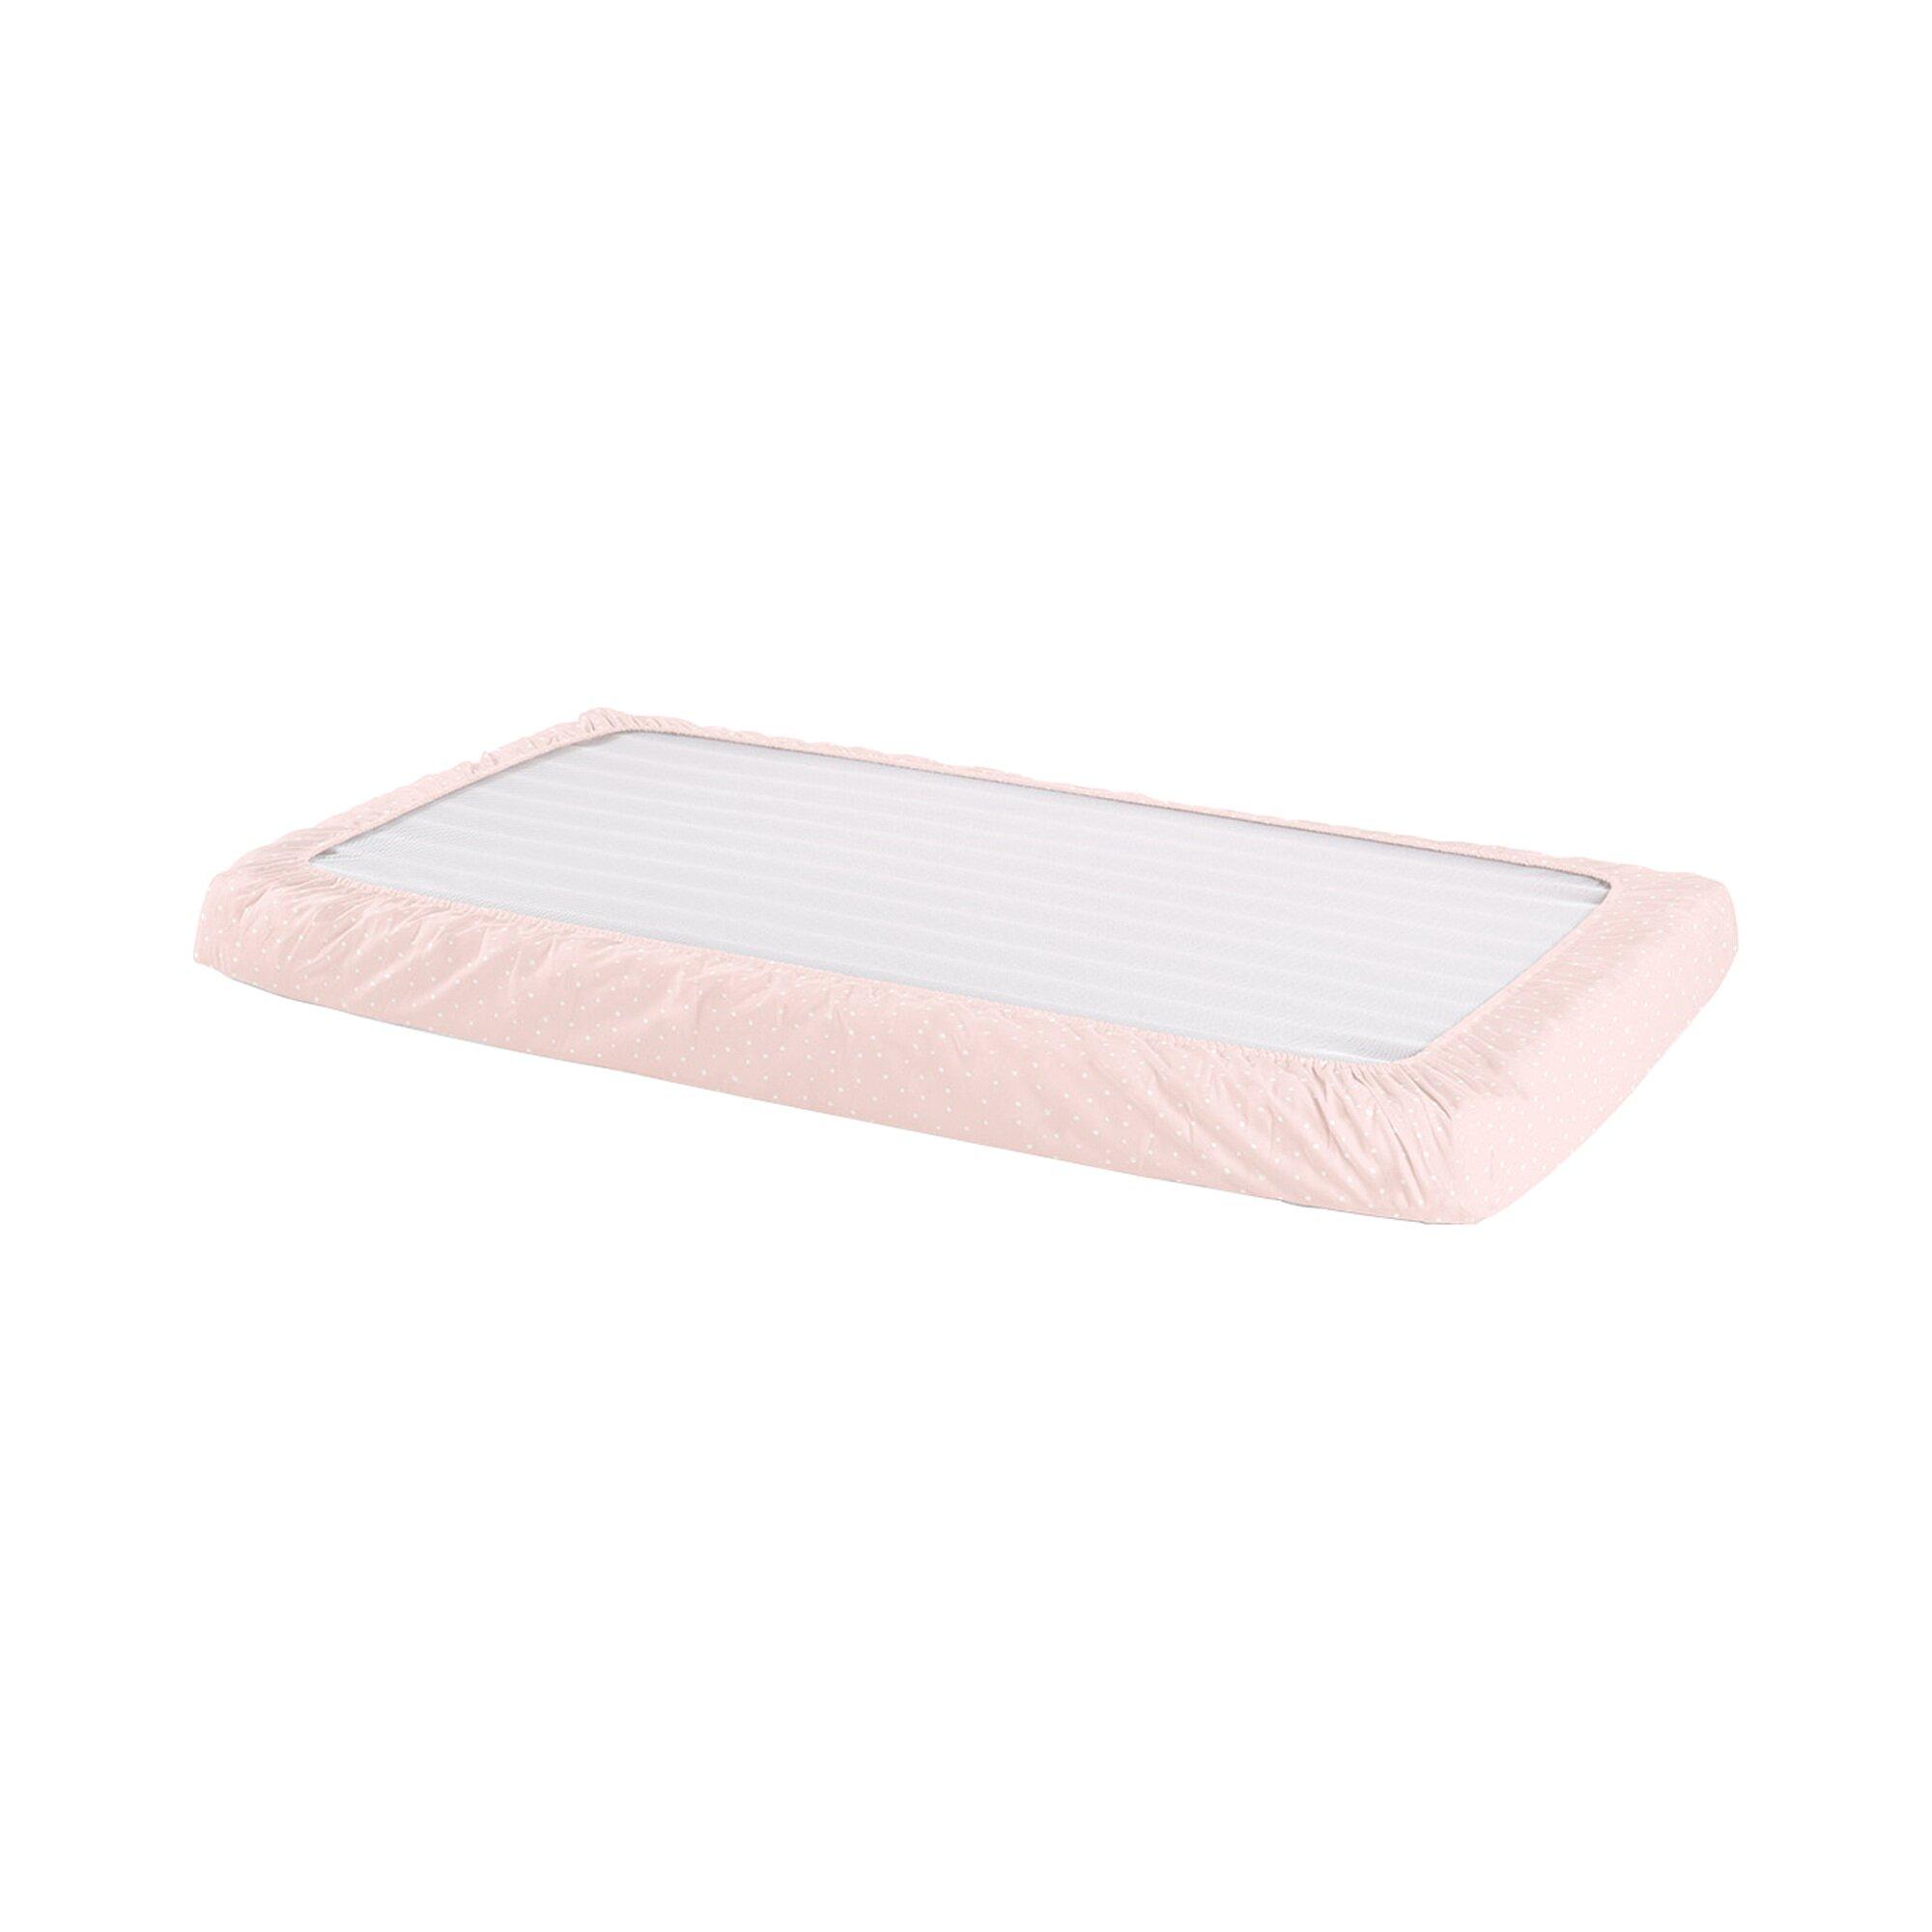 home-spannbetttuch-organic-cotton-2-stuck-pink